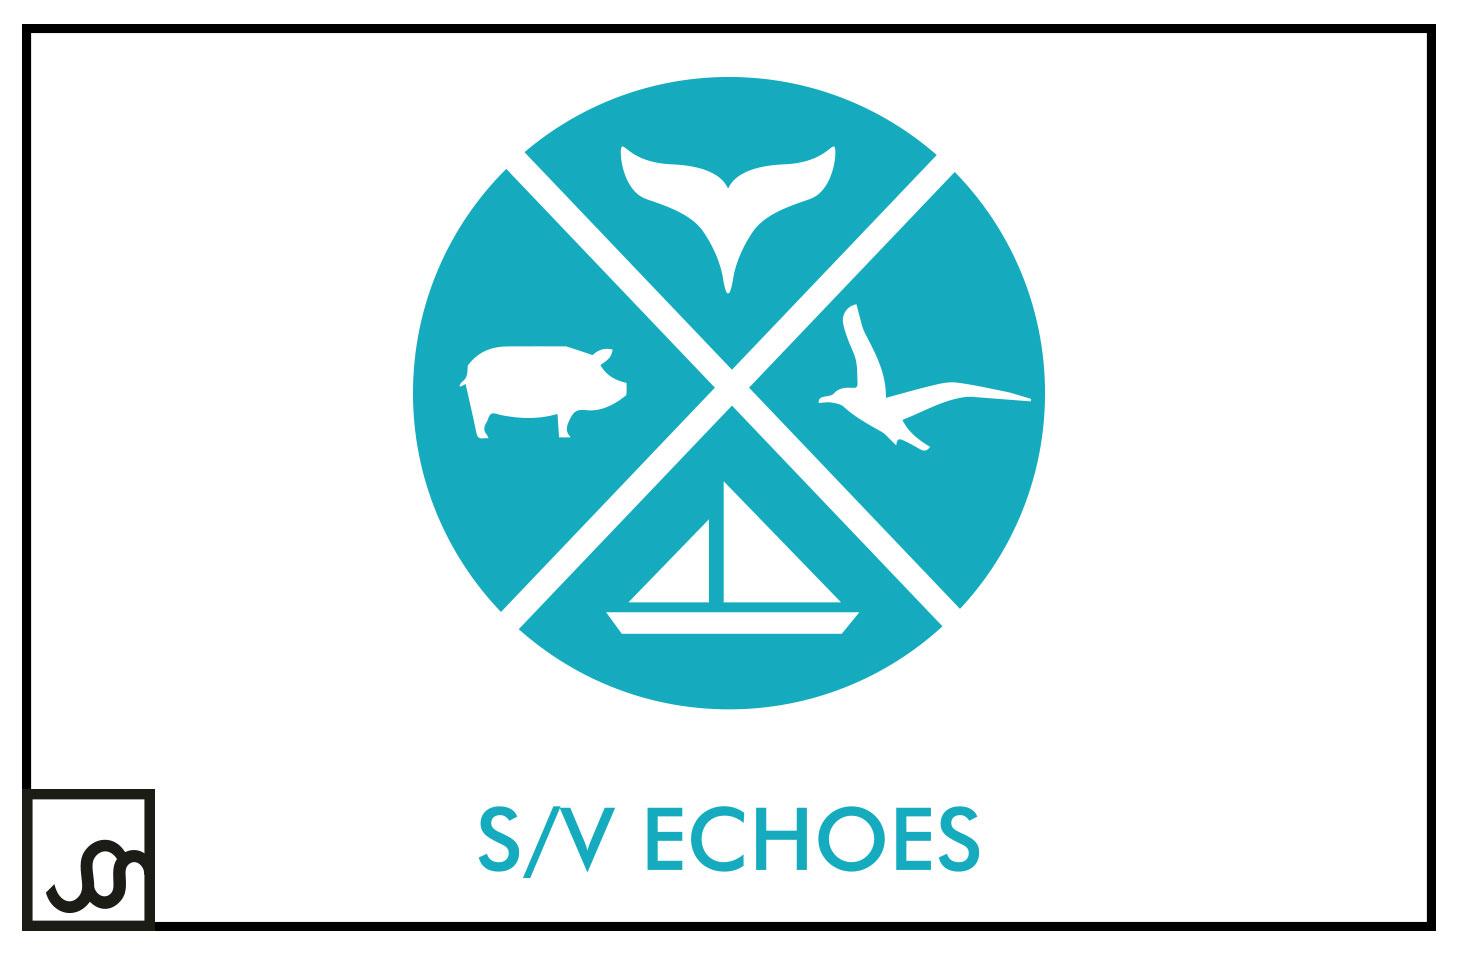 S/V Echoes Logo